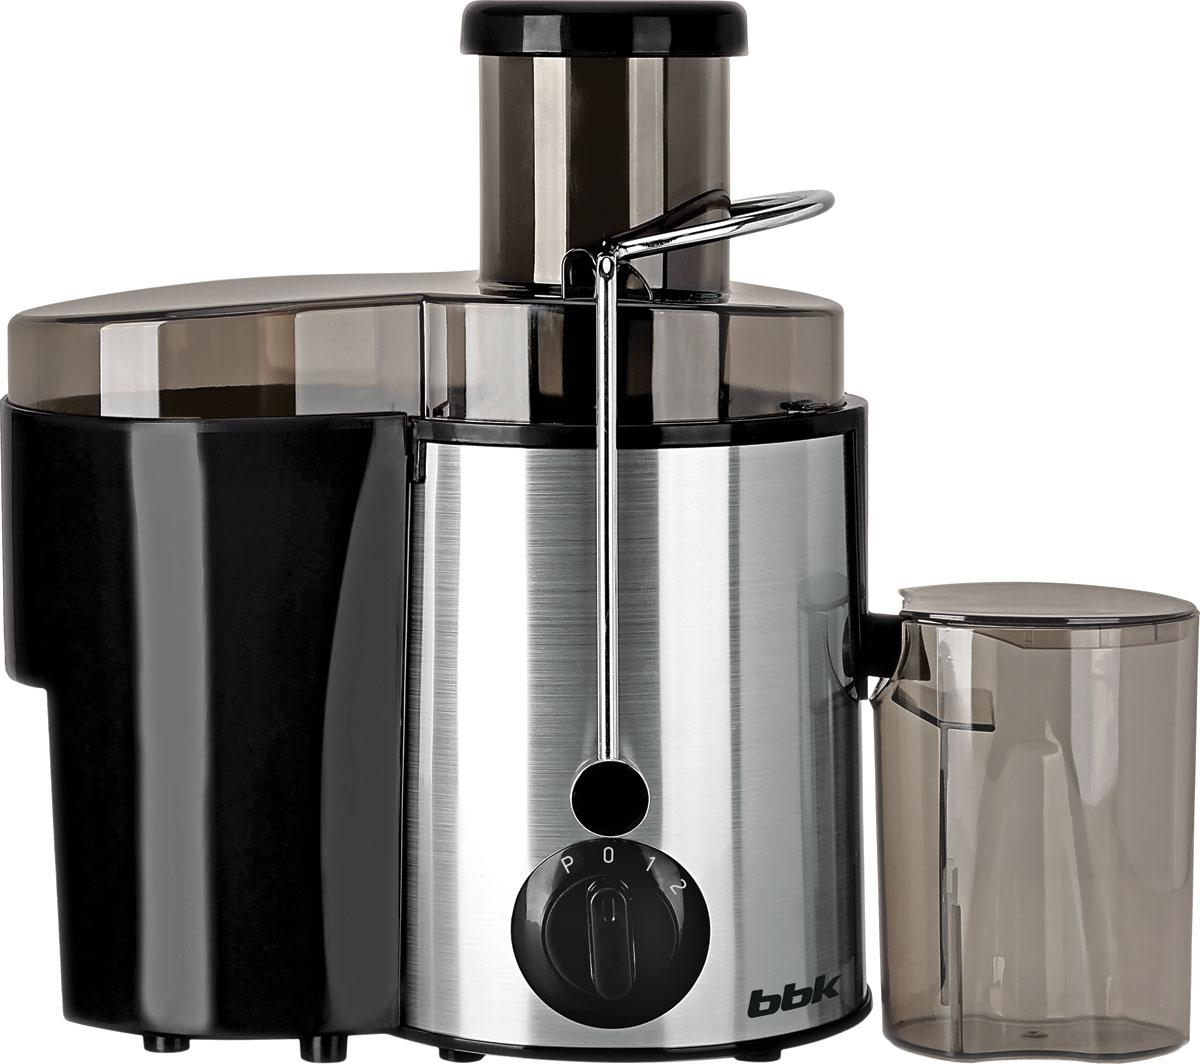 BBK JC080-H06, Black Silver соковыжималкаJC080-H06Соковыжималка BBK JC080-H06 станет отличным помощником на любой кухне. Высокая номинальная мощность 800 Вт и широкая загрузочная горловина 65 мм позволяют с легкостью справиться с целыми яблоками и крупными кусочками овощей и фруктов. Стальной фильтр-сепаратор с лезвиями из высококачественной стали обеспечит надежную, качественную и безотказную работу устройства. Прорезиненные ножки обеспечивают устойчивость и отсутствие скольжения в процессе работы. Для комфортного использования в комплекте предусмотрены специальные емкости для жмыха и сока. Модель представлена в классических стильных цветах, сочетающих цветные пластиковые элементы и вставки из нержавеющей стали.